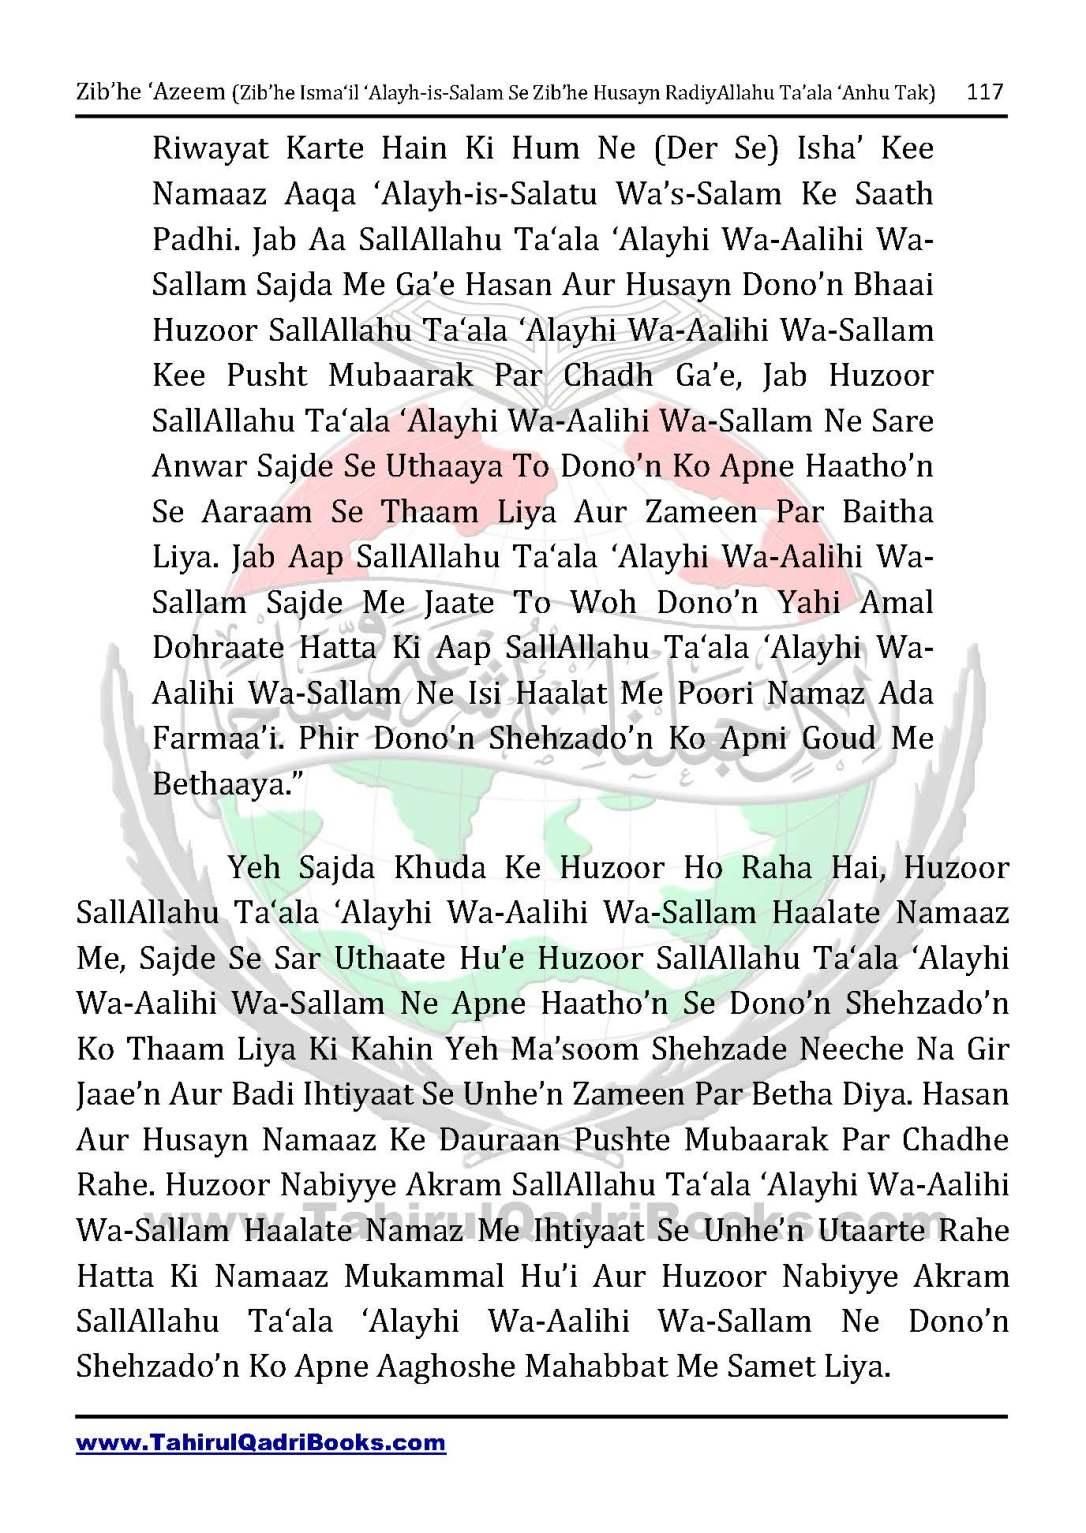 zib_he-e28098azeem-zib_he-ismacabbil-se-zib_he-husayn-tak-in-roman-urdu-unlocked_Page_117